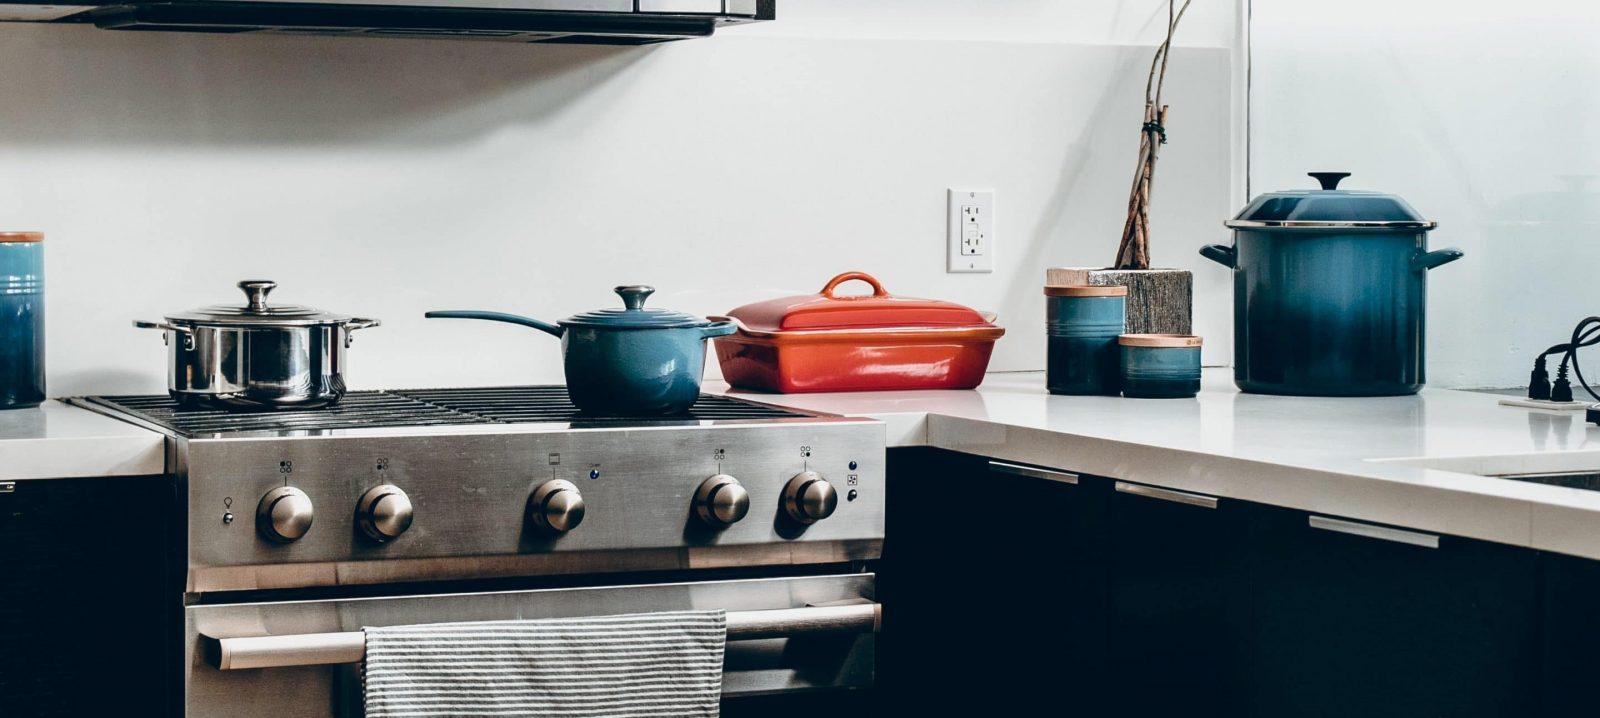 pour des économies d'énergies stoppez la cuisson de vos plats 5 minutes avant la fin